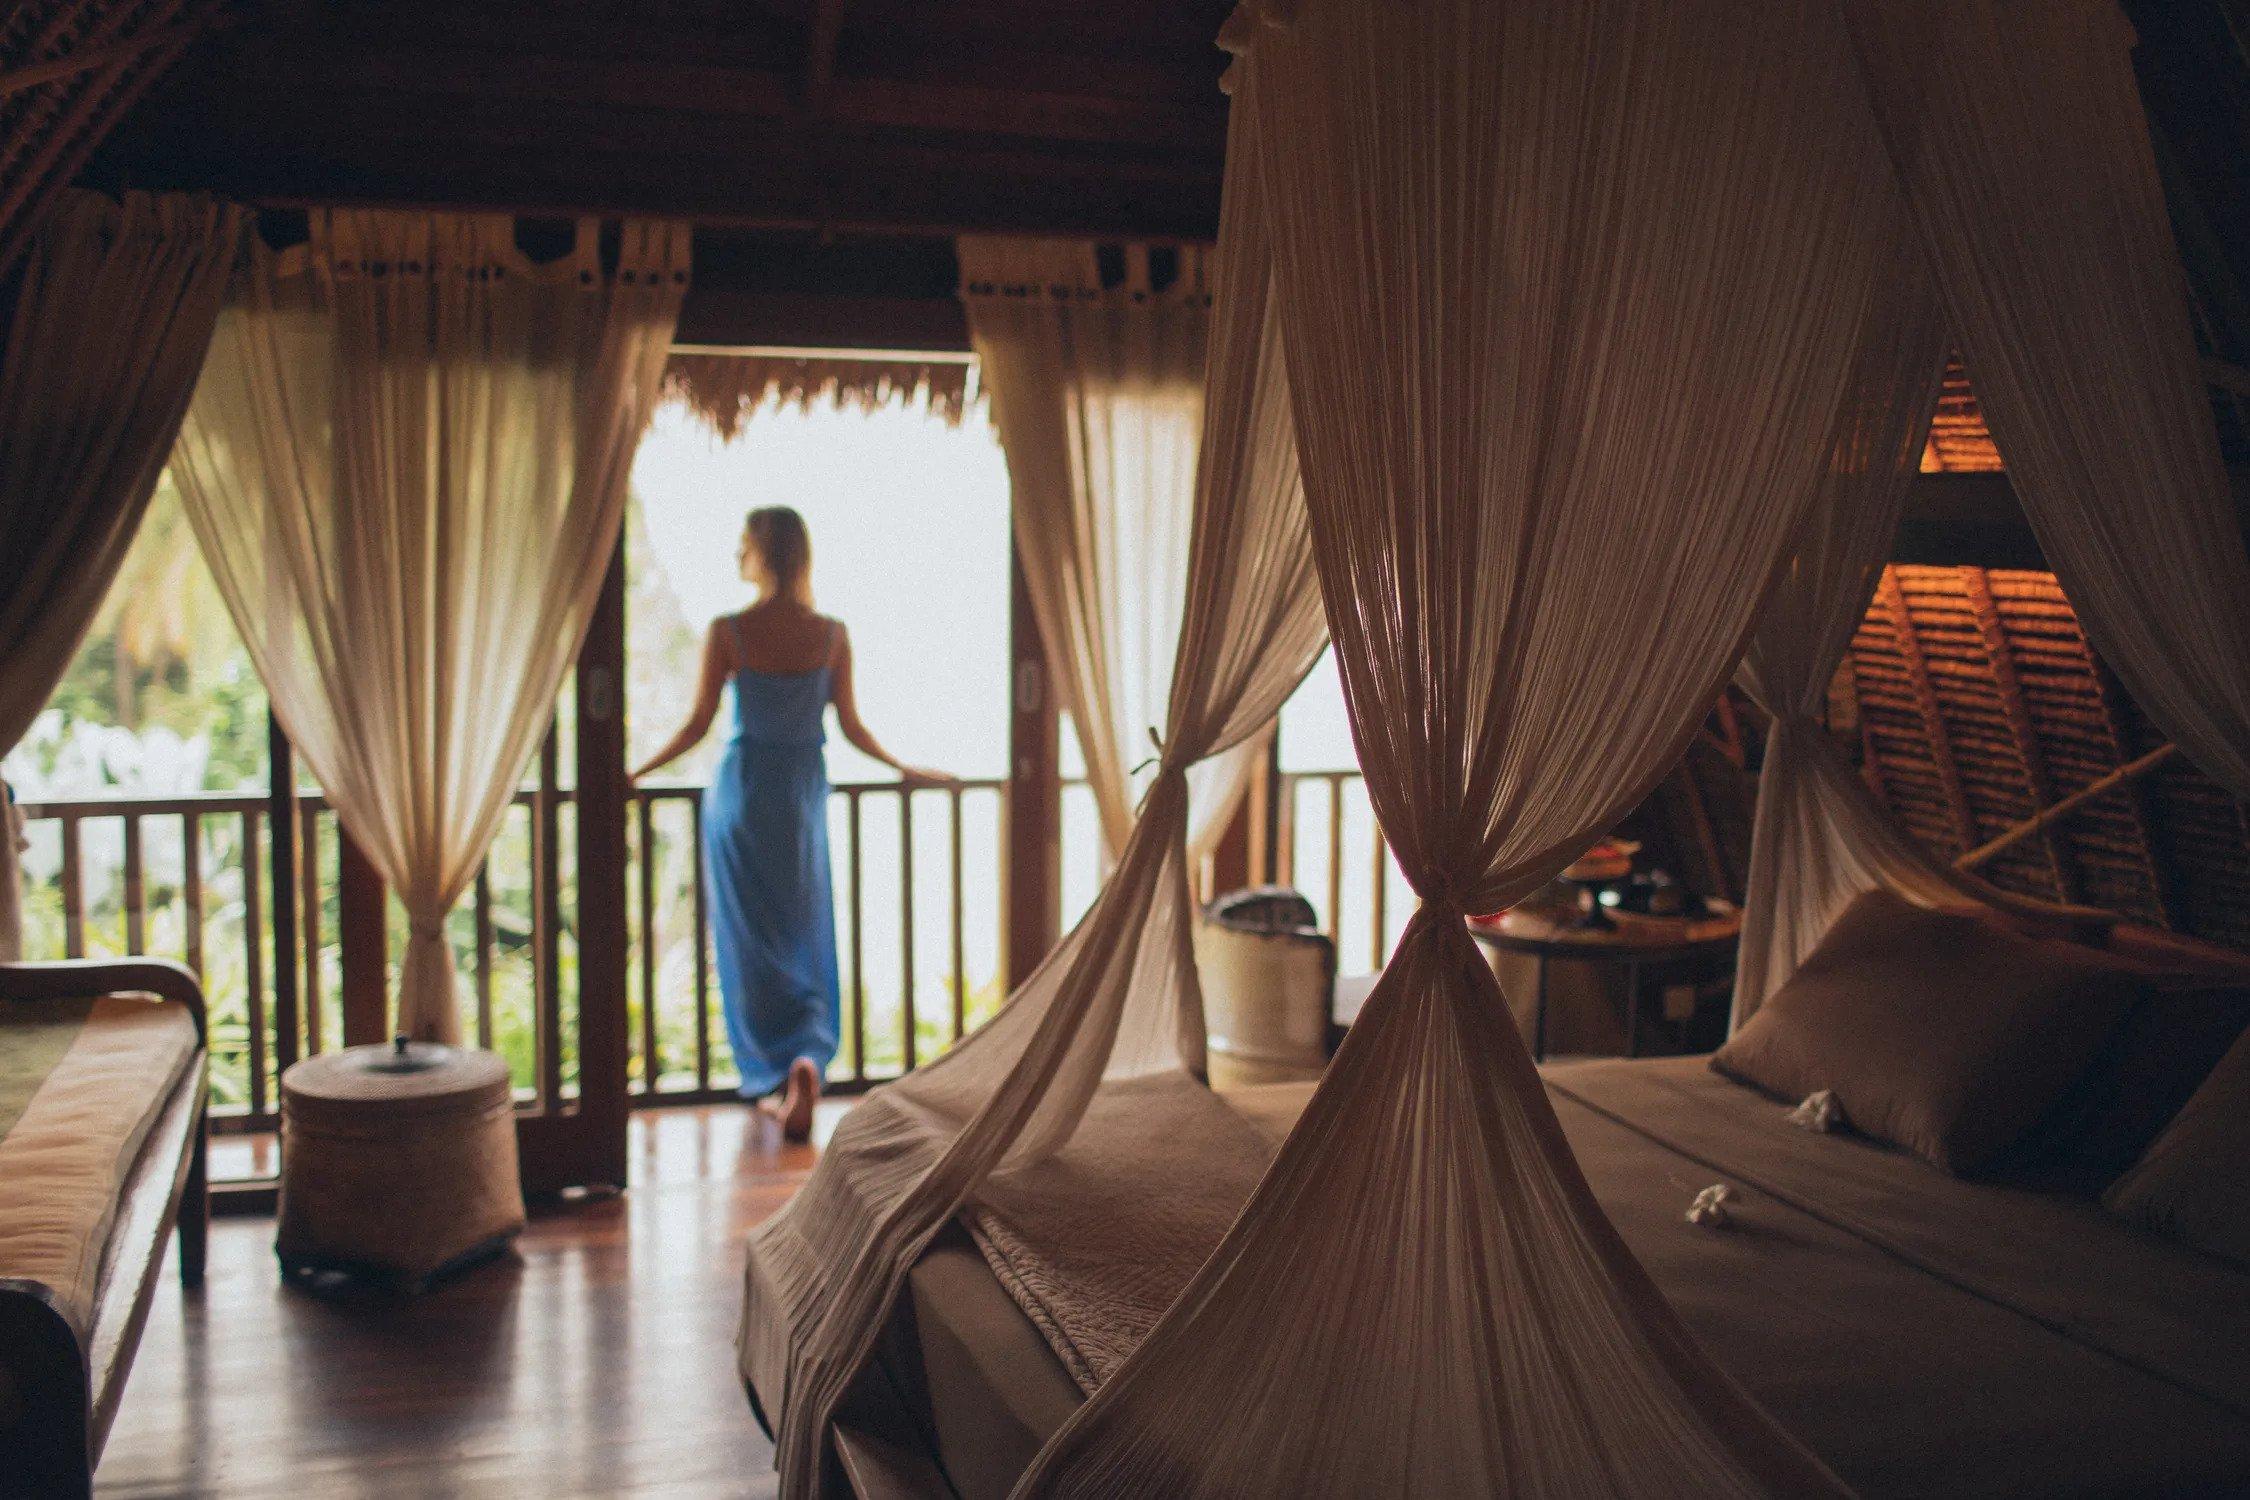 Spokojnosť s pobytom v hoteli sa často odvíja od spánku